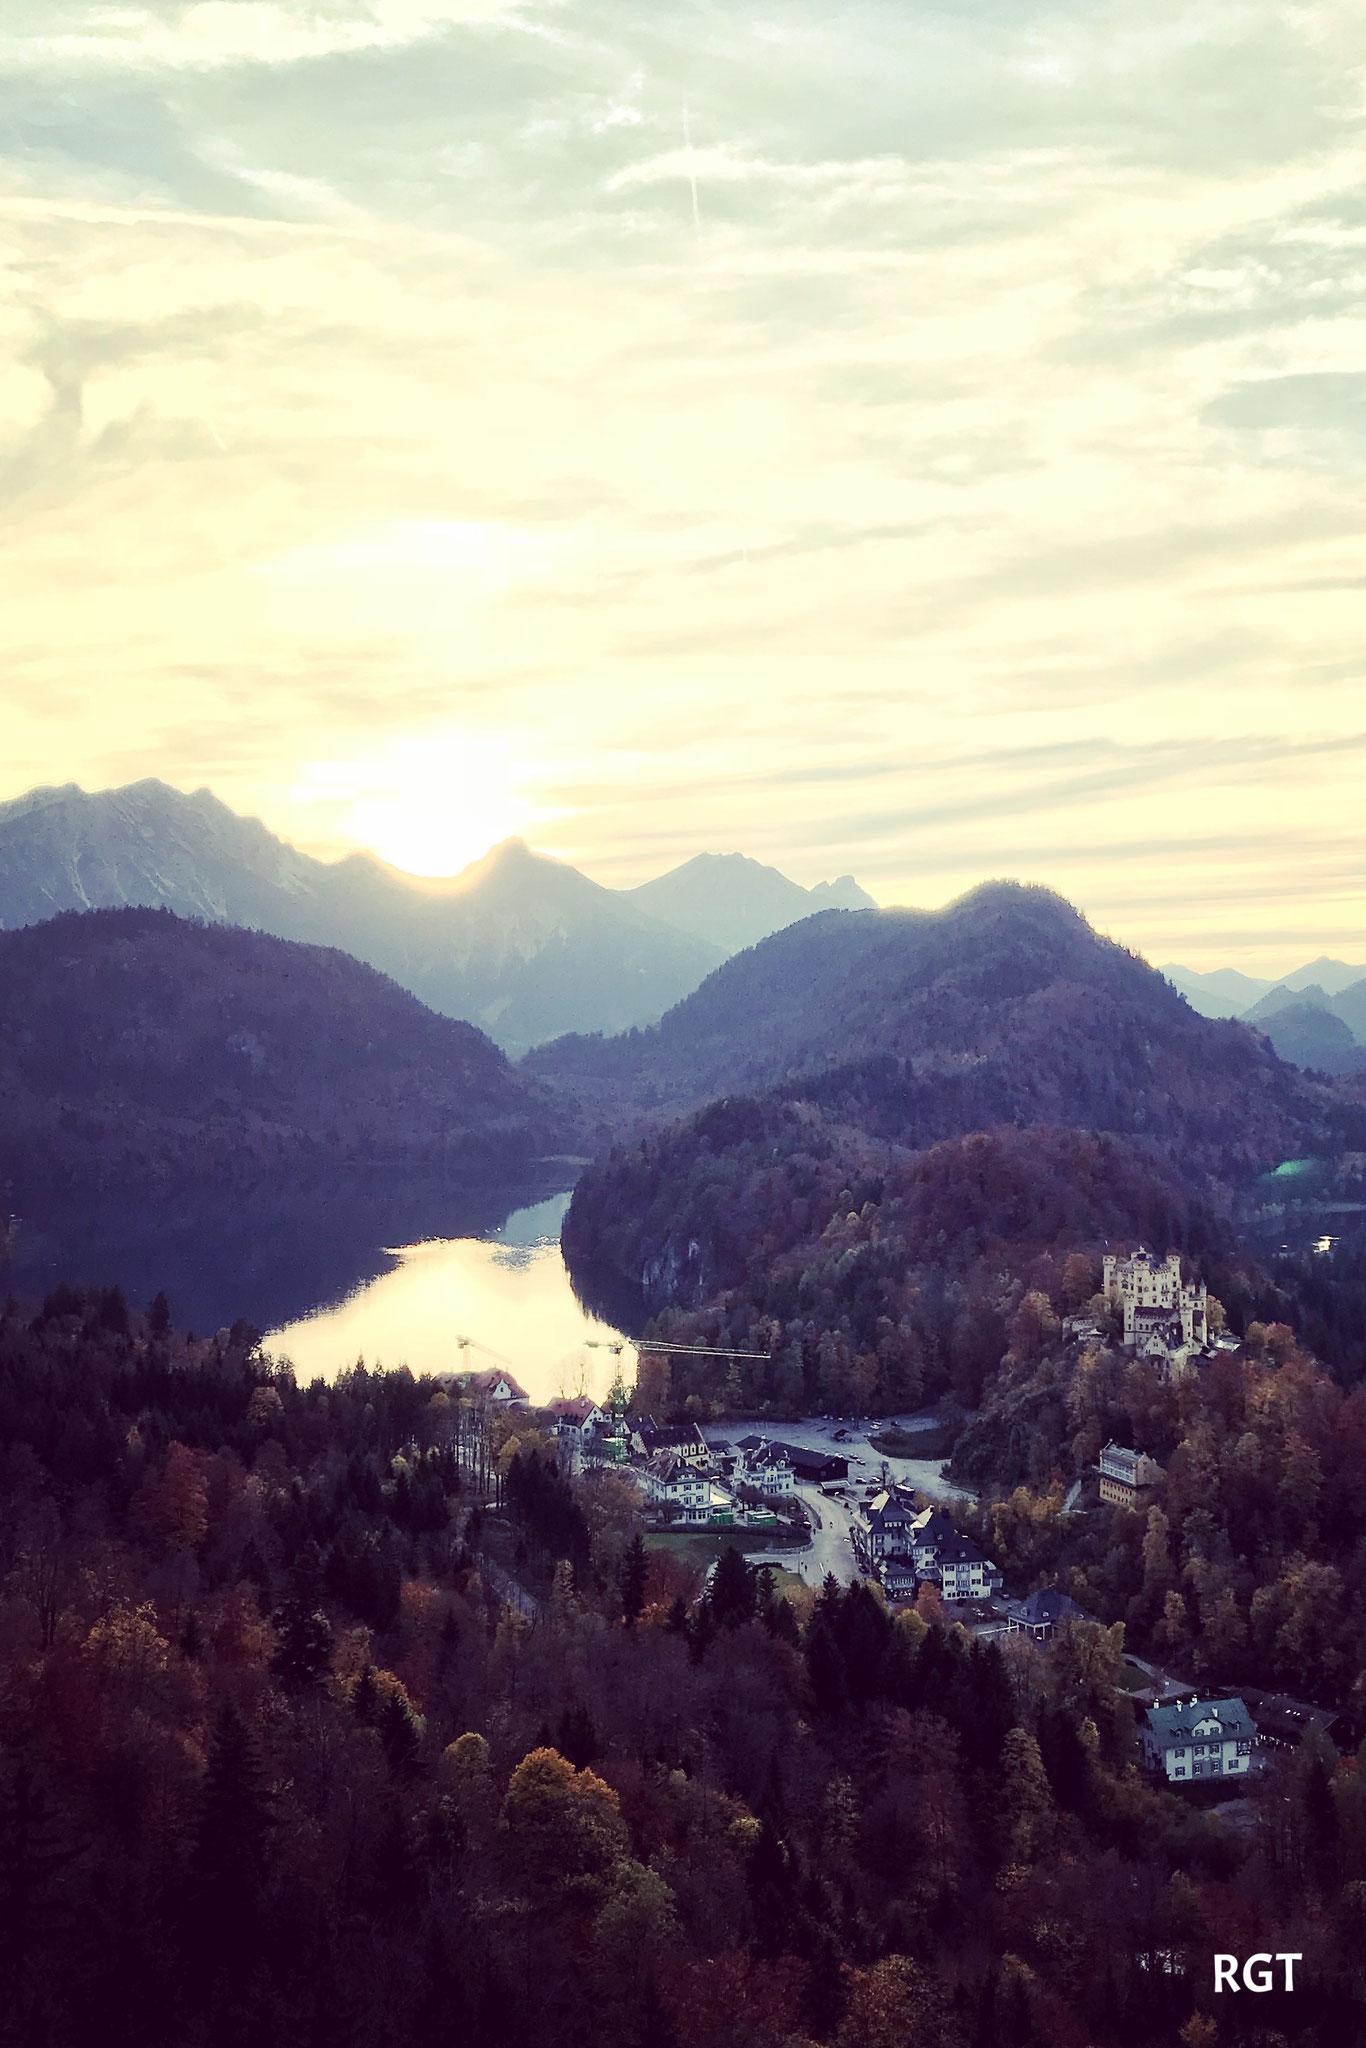 Hohenschwangau & Alpsee